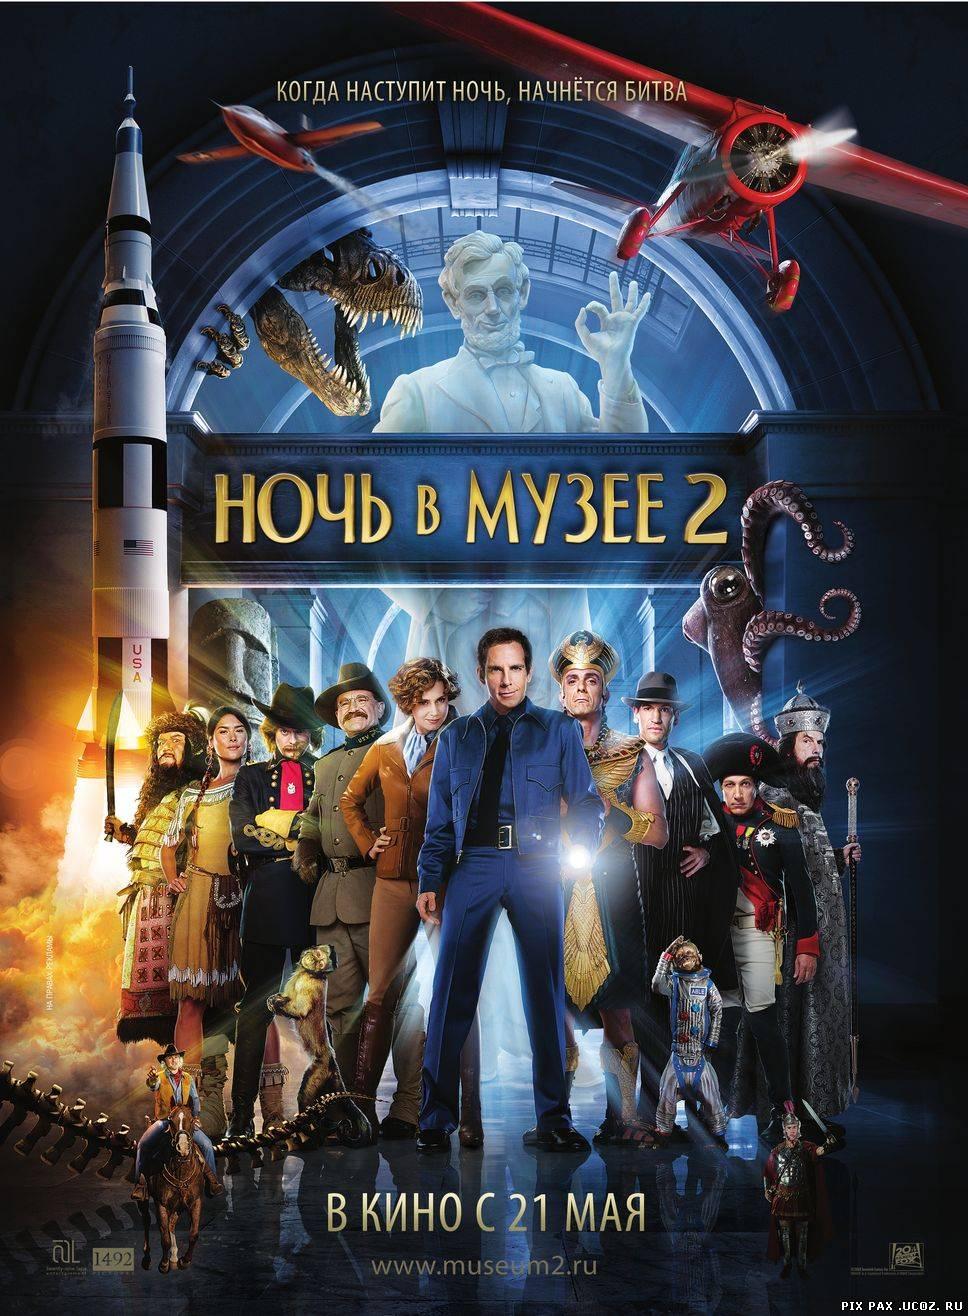 Скачать фильмы в формате мп4 - 3